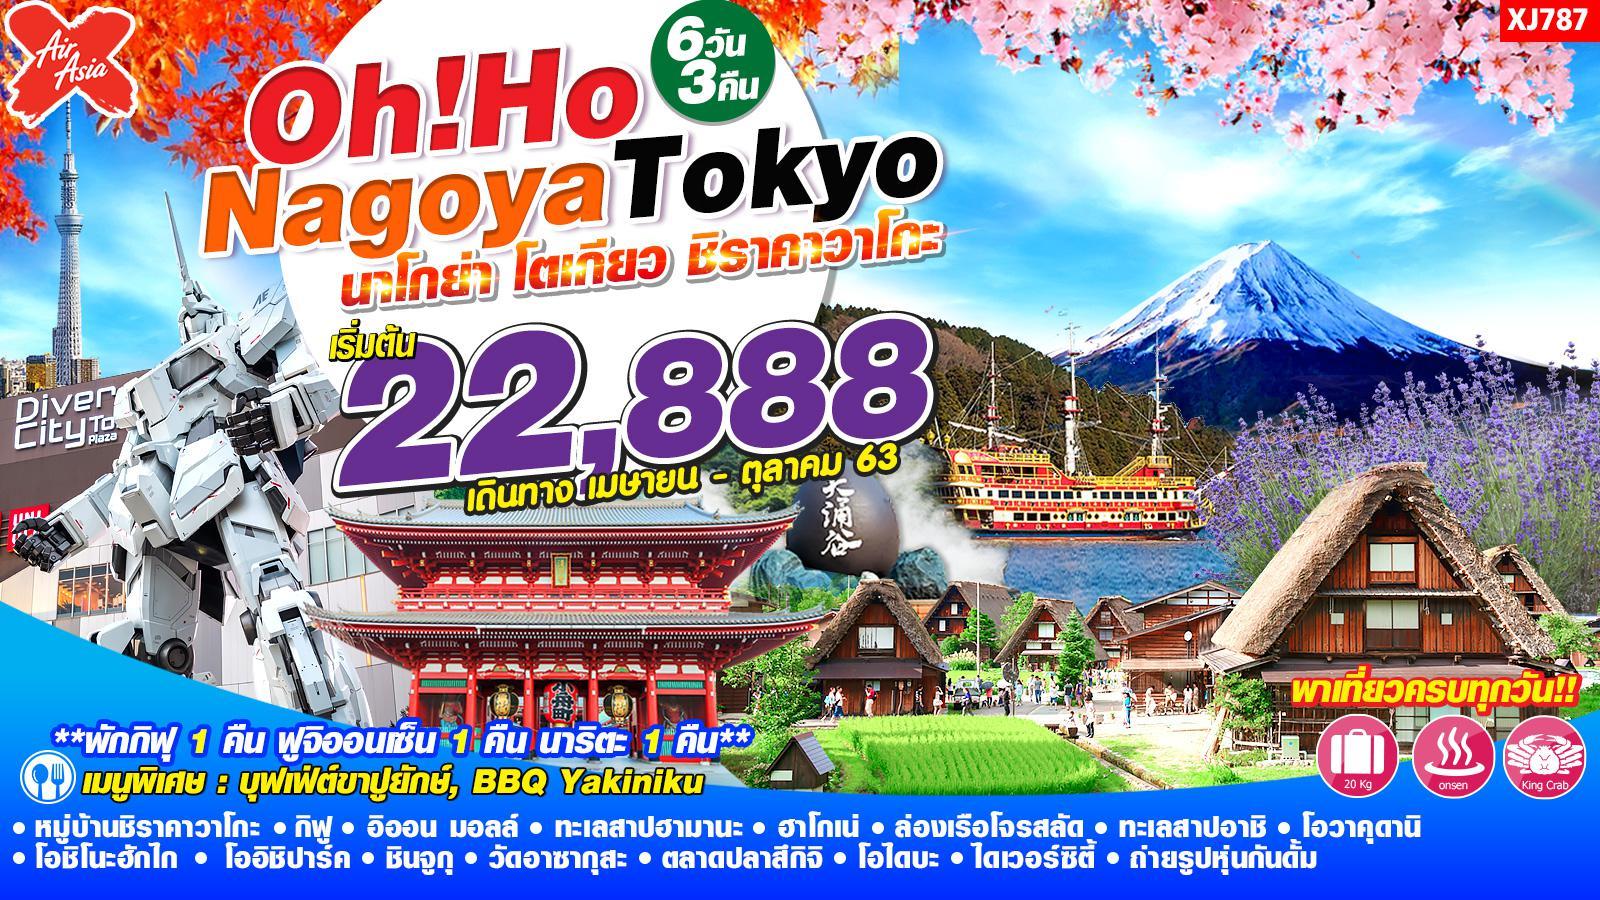 ทัวร์ญี่ปุ่น OH! HO … NAGOYA TOKYO 6 วัน 3 คืน (XJ787)